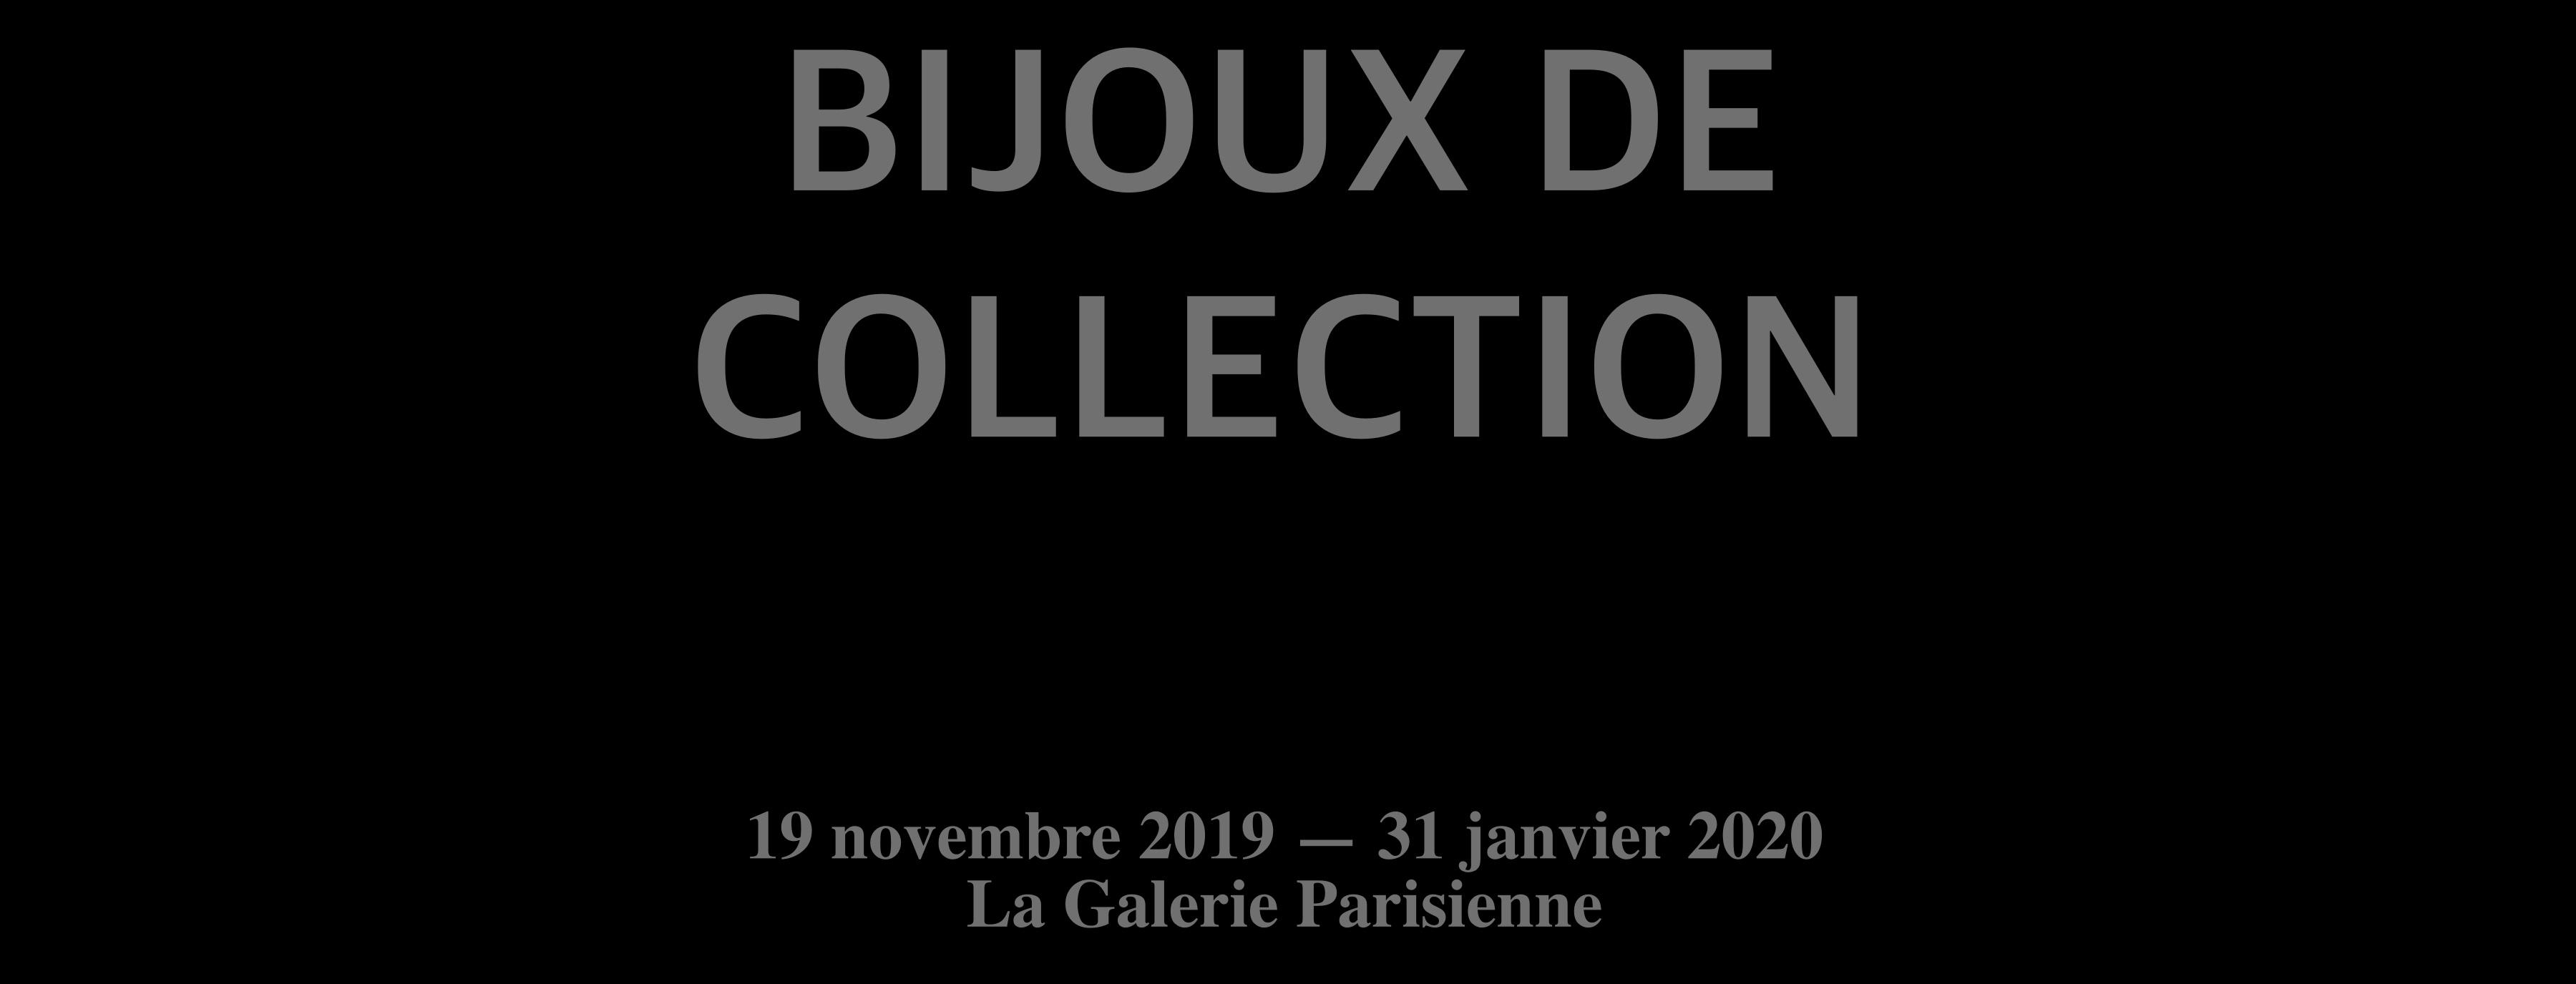 exposition bijoux